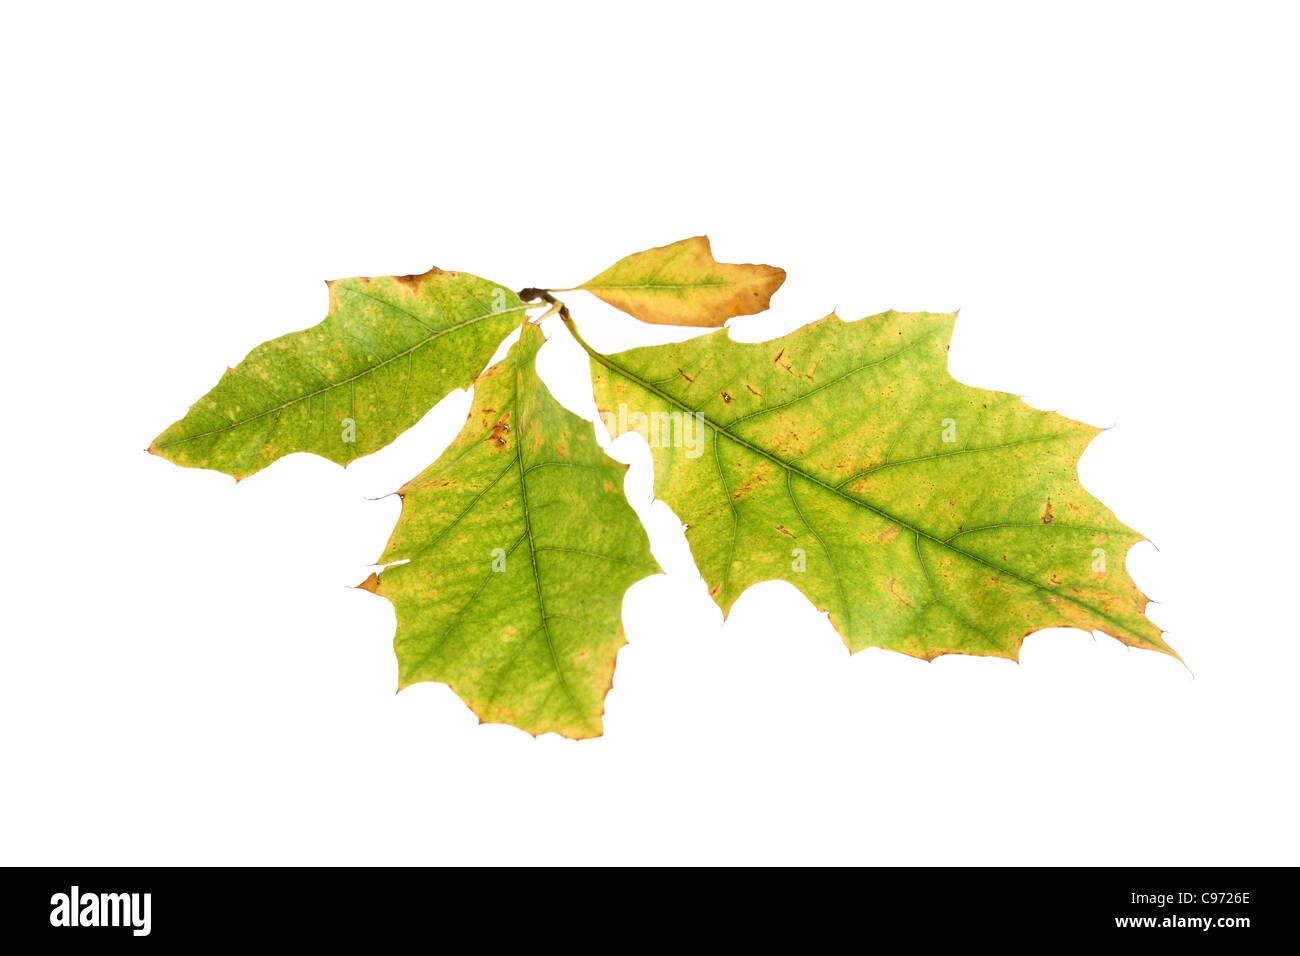 Retroilluminato con foglie di autunno (Cerro) che mostra un cambiamento di colore dal colore verde della clorofilla a giallo di pigmento Foto Stock